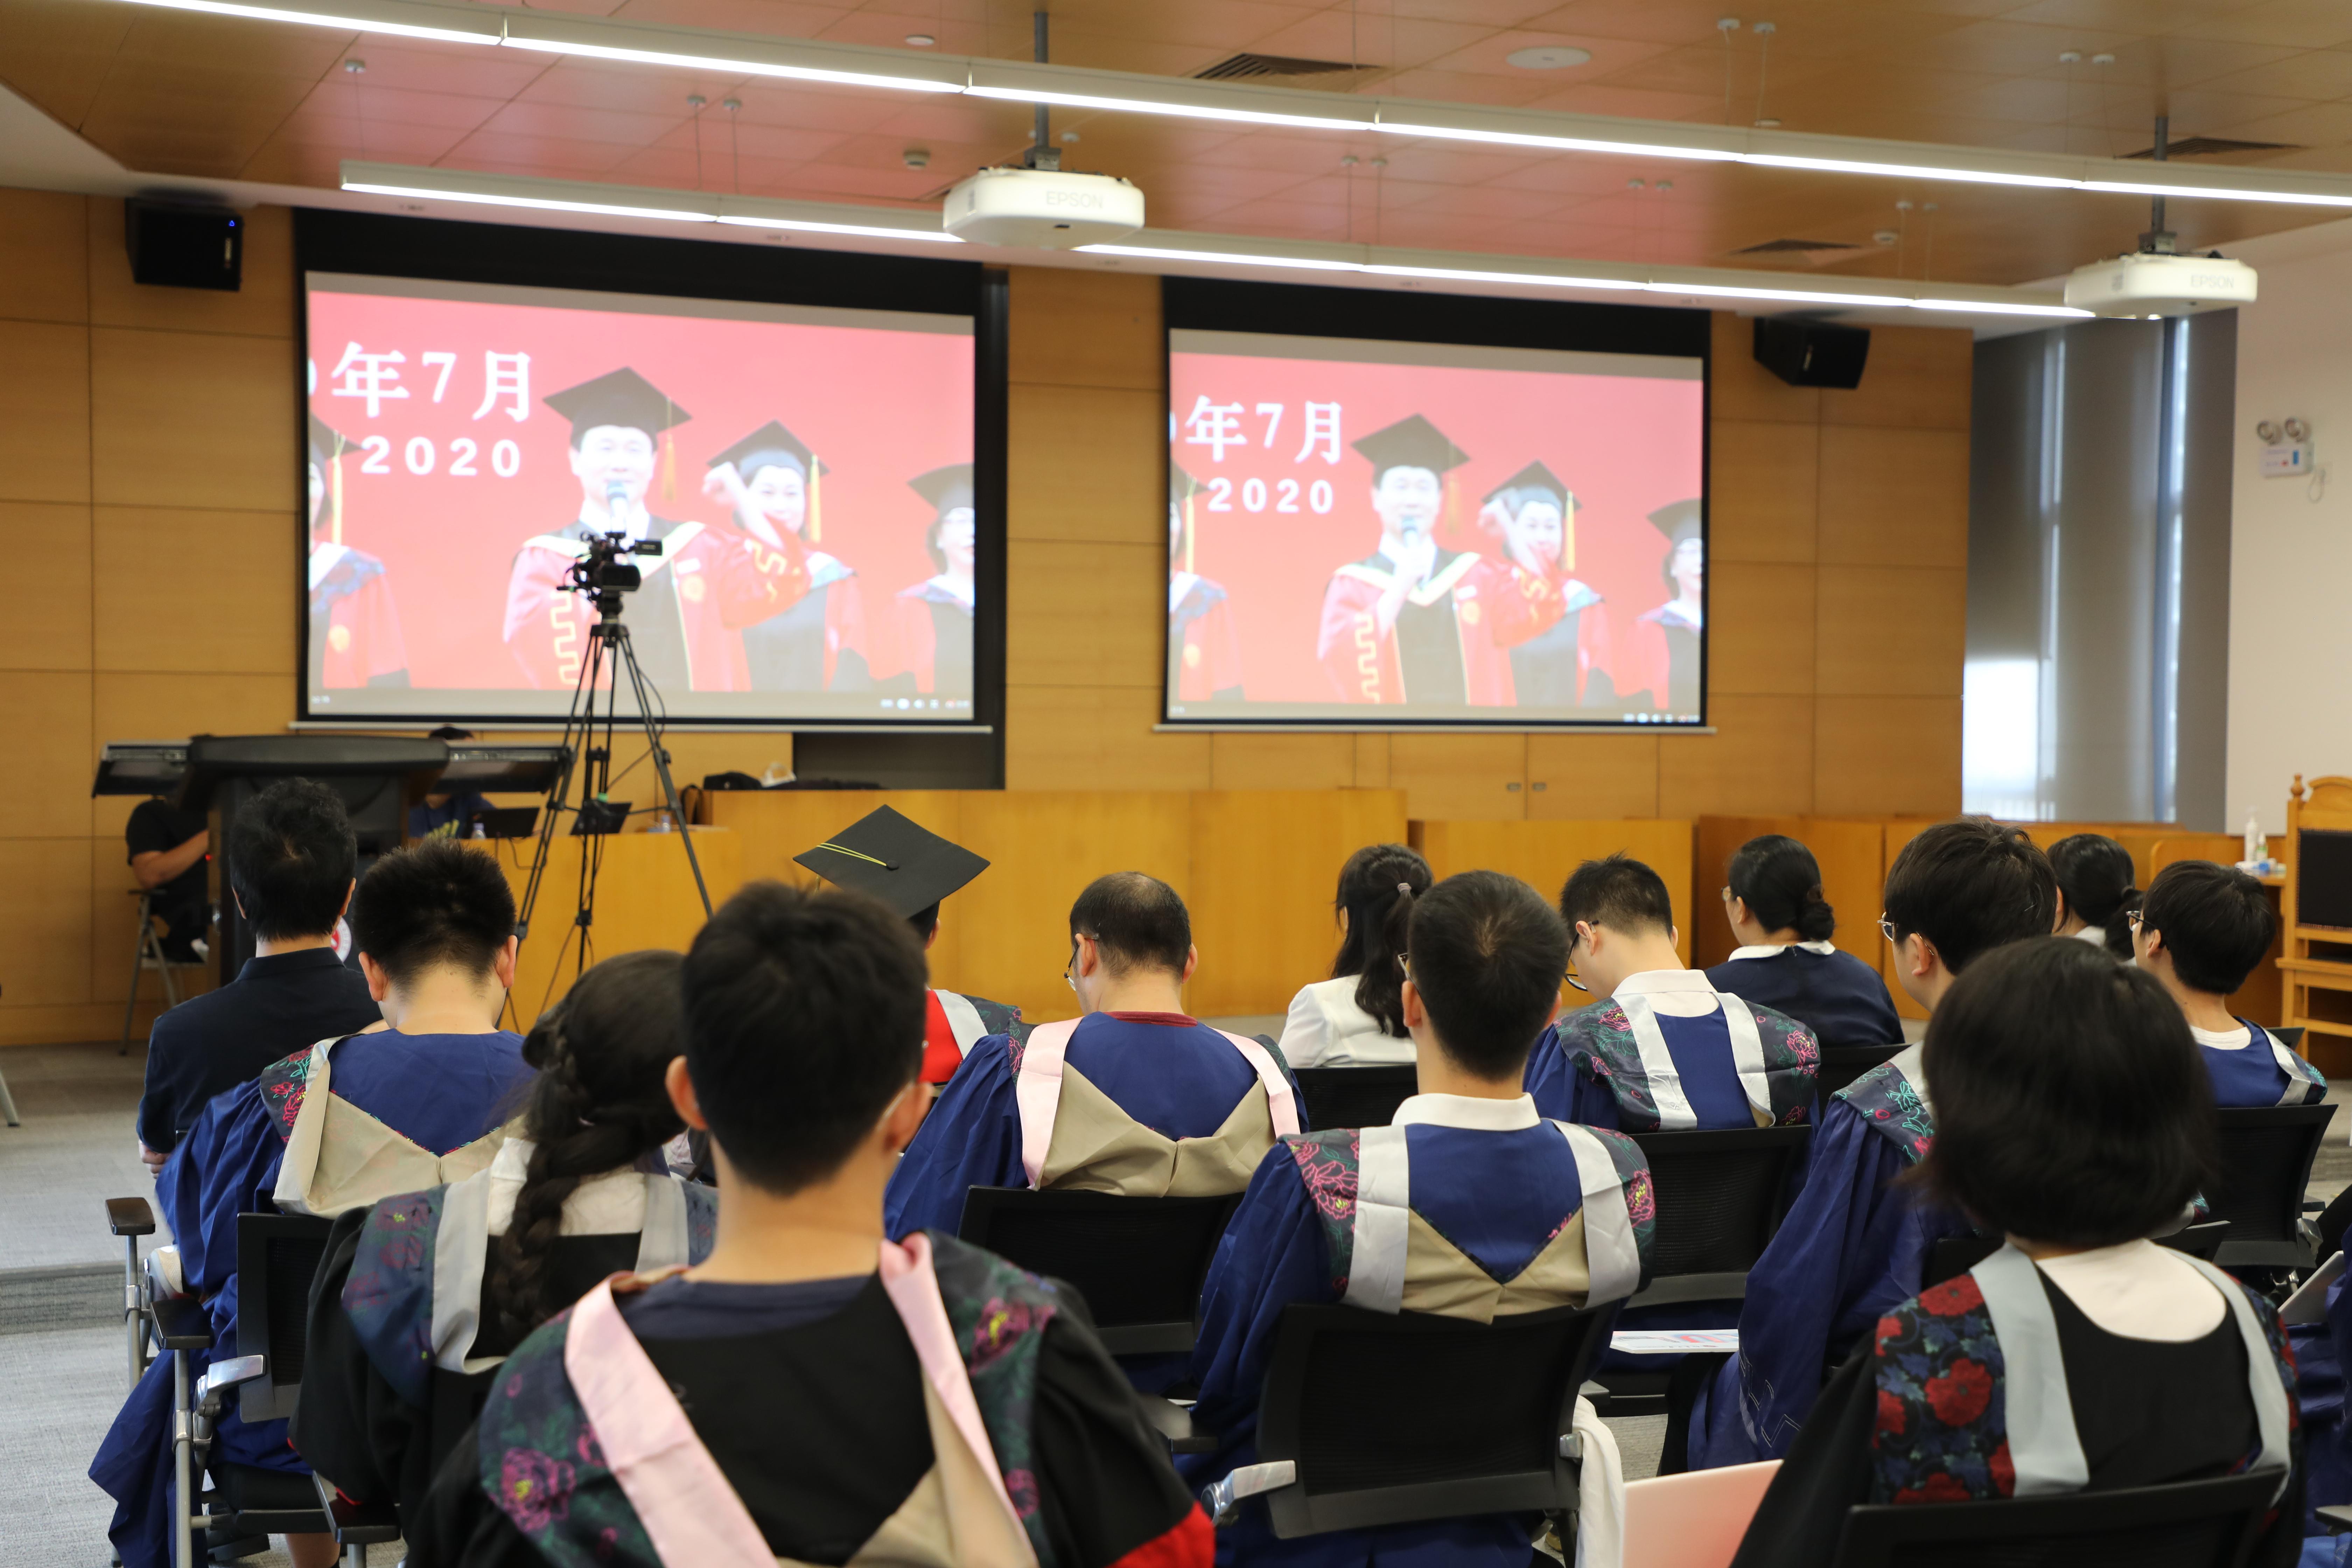 我院组织毕业生收看北京大学2020年毕业典礼